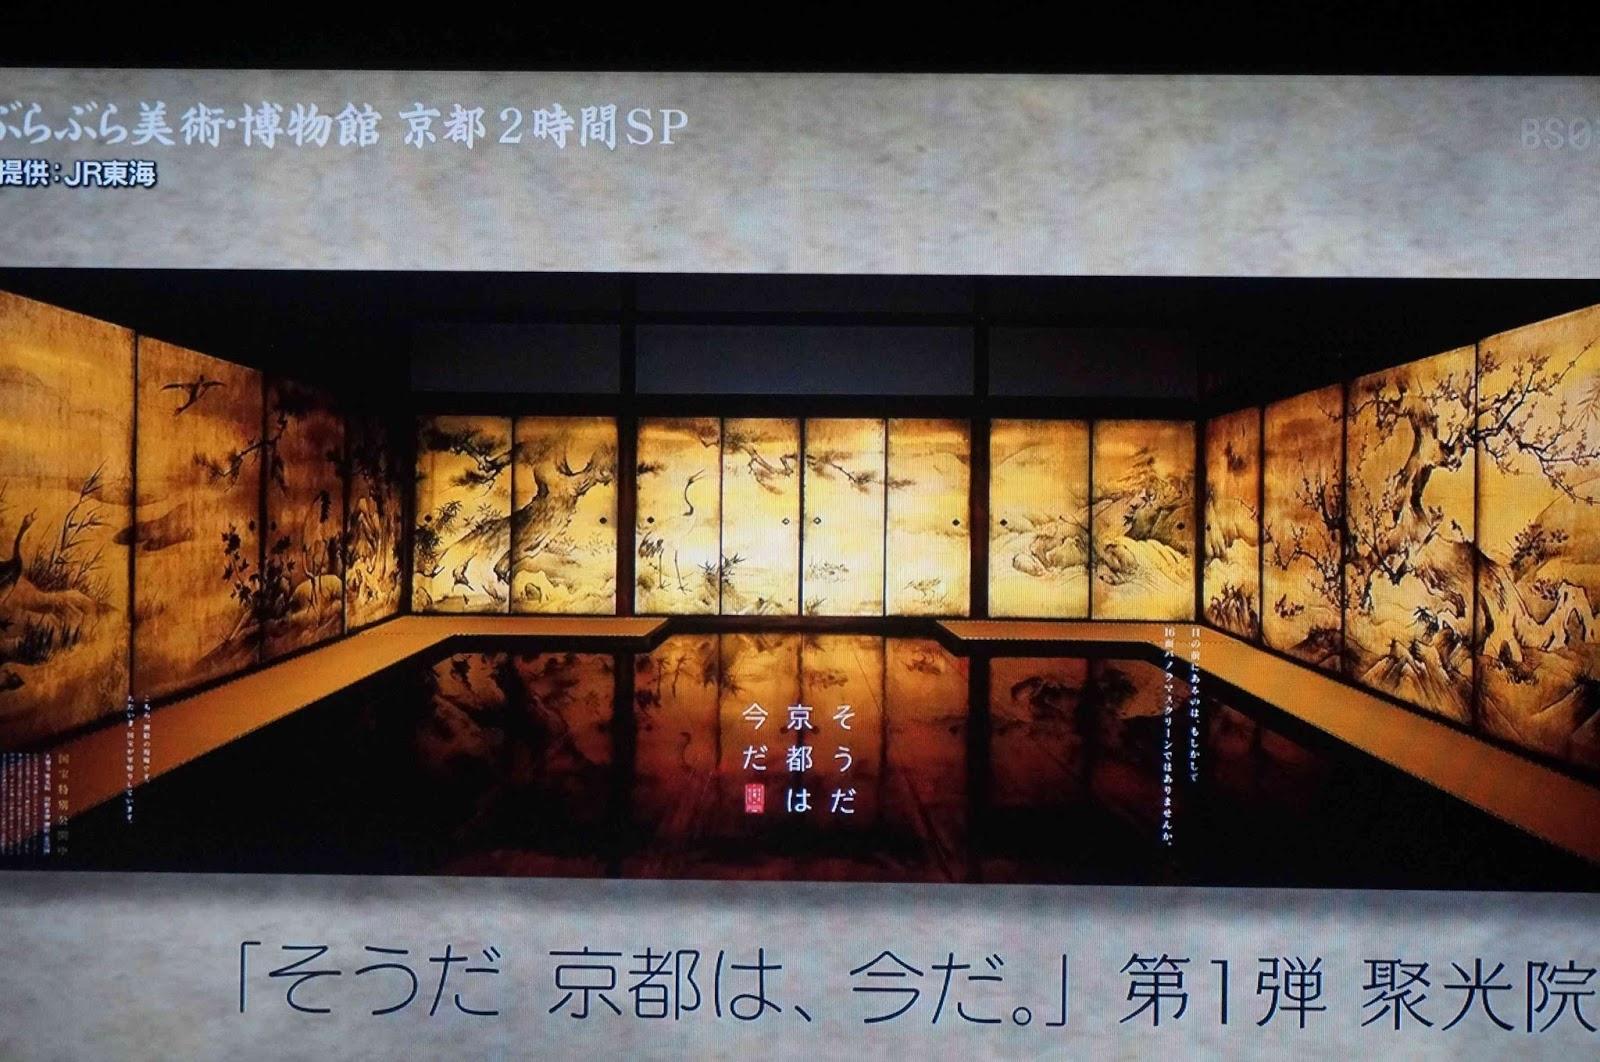 狩野松栄の画像 p1_39